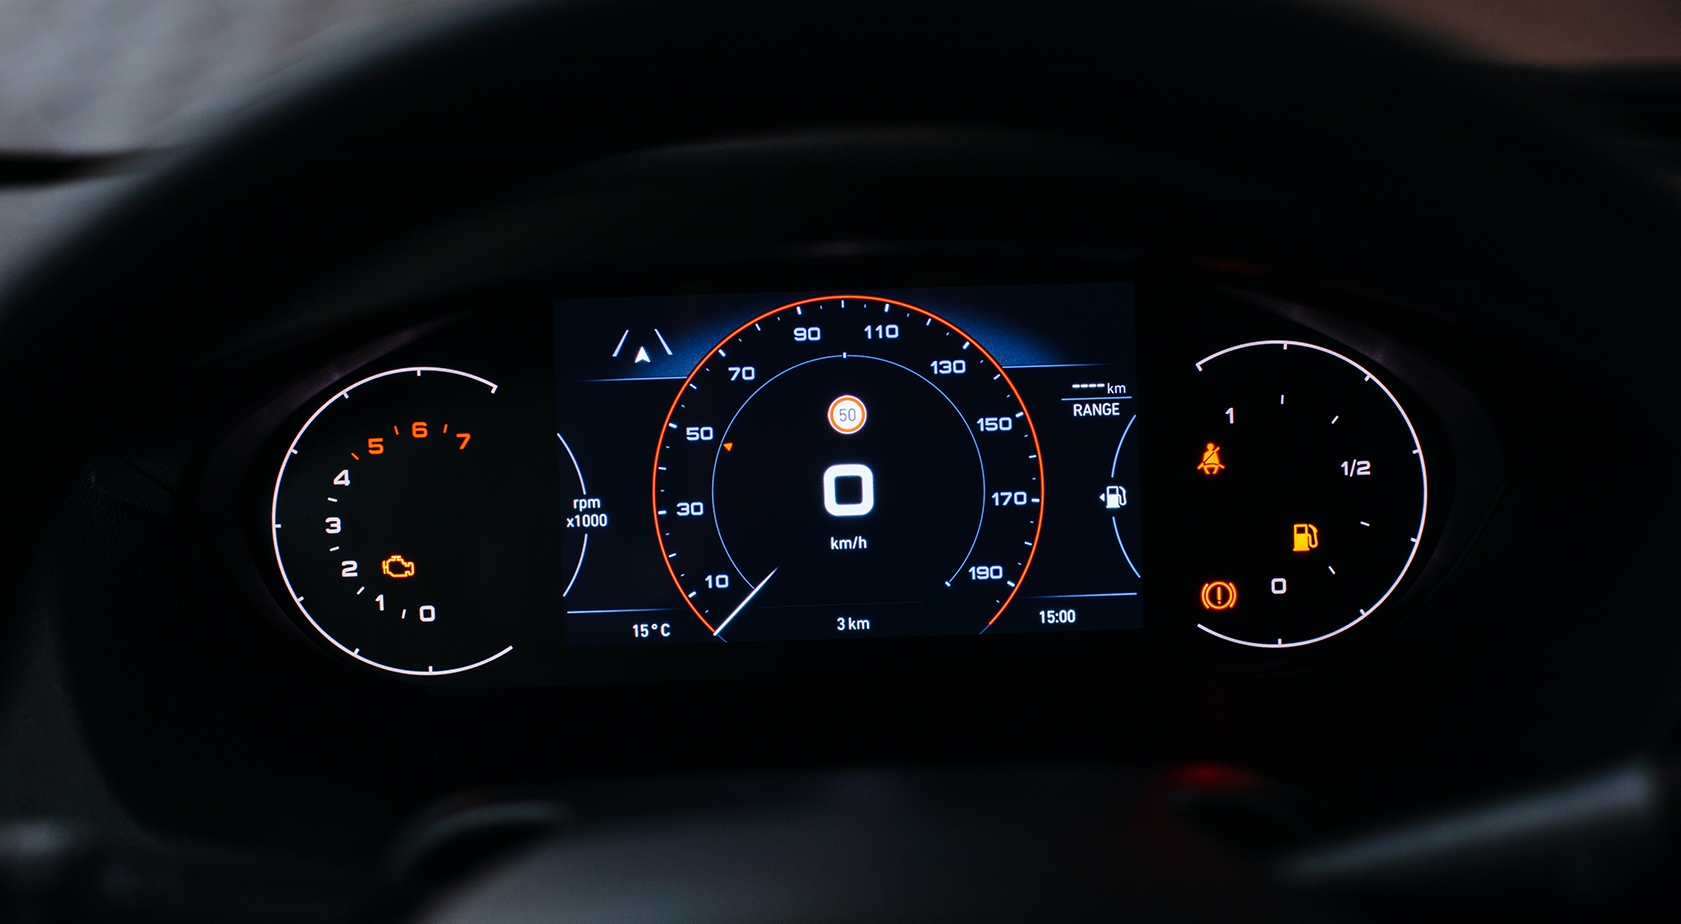 Artikelbild: Digitales Kombiinstrument mit Tacho und Tankanzeige hinter dem Lenkrad